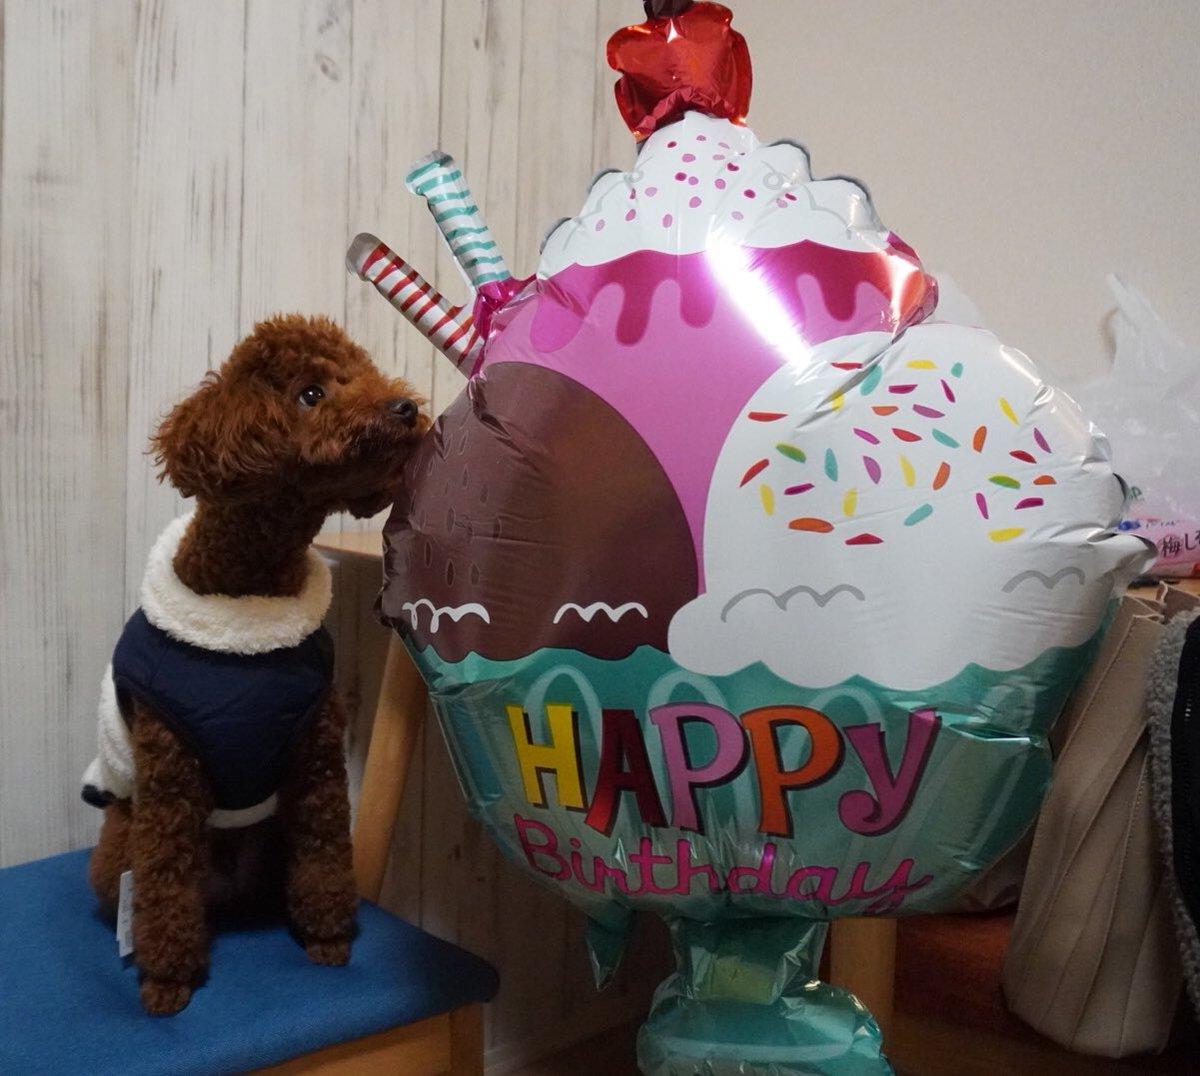 それは食べられません🧸🍰🎈⚠️ #トイプードル #犬 #toypoodle #dog #youtube始めました https://t.co/OnTJbjnolm